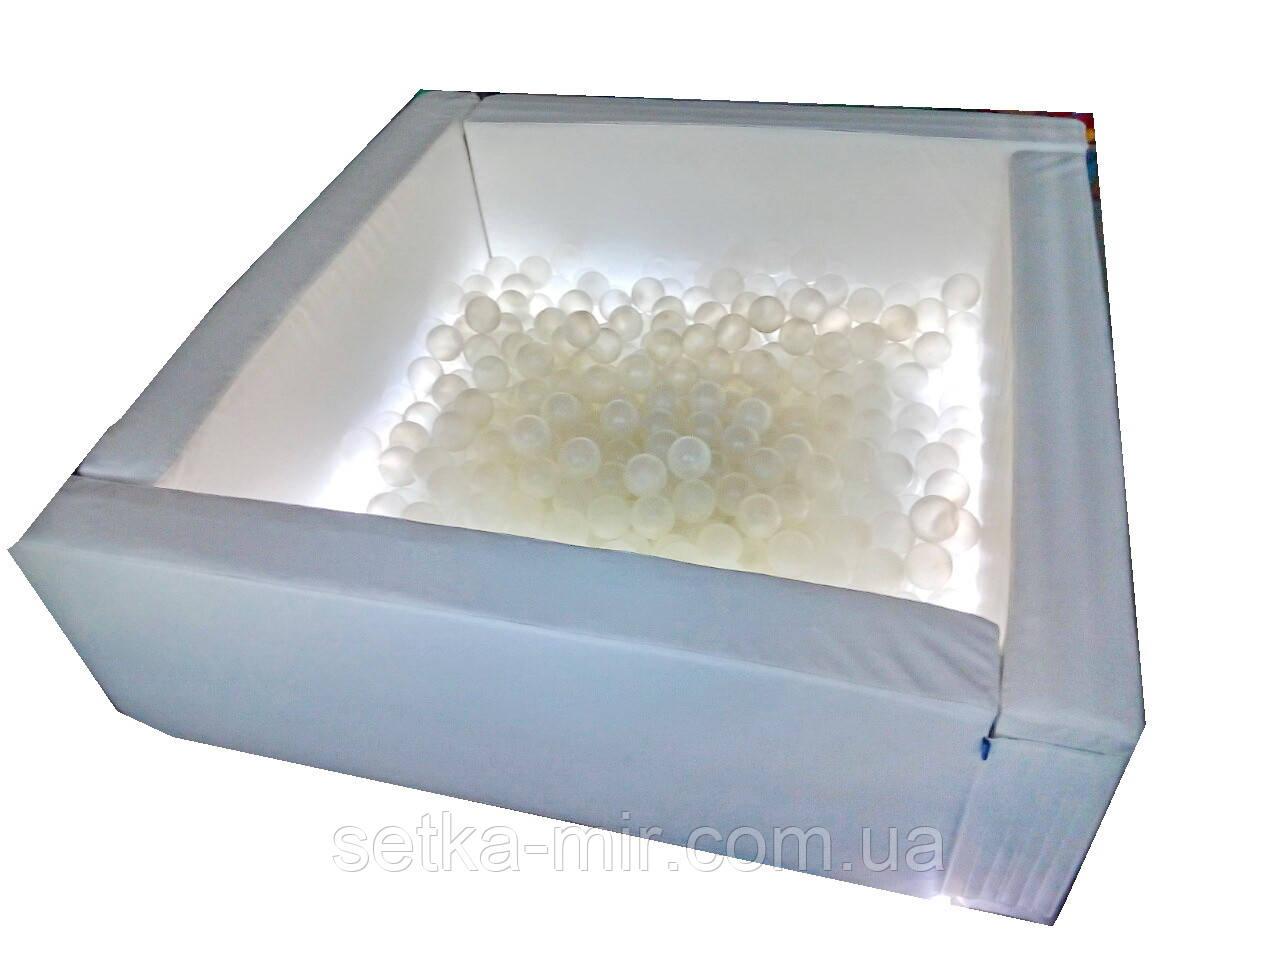 Сухий басейн Світлотерапія квадратний 150х40 см